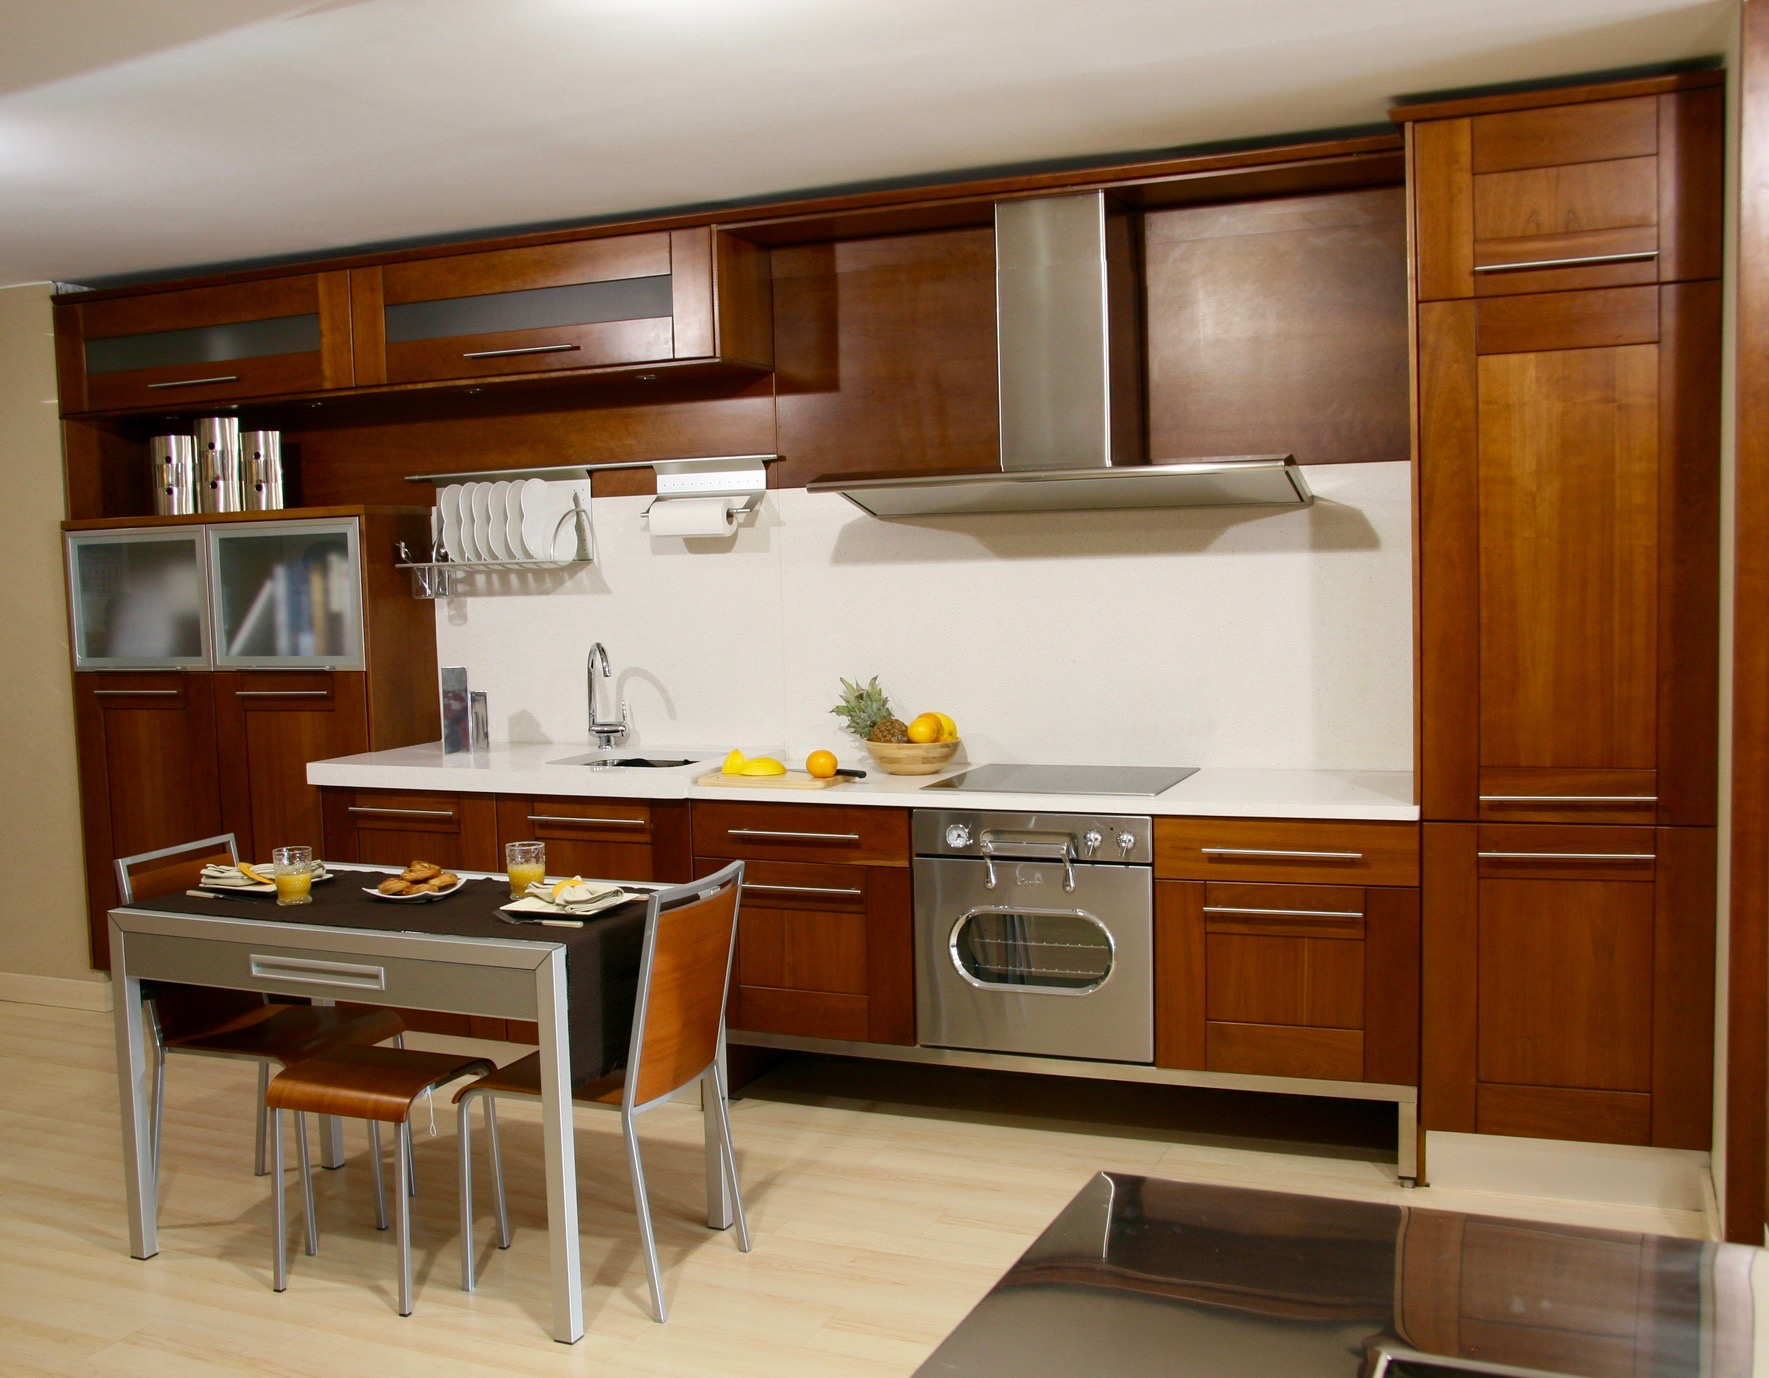 Awesome muebles de cocina en cantabria photos casas for Muebles torrelavega